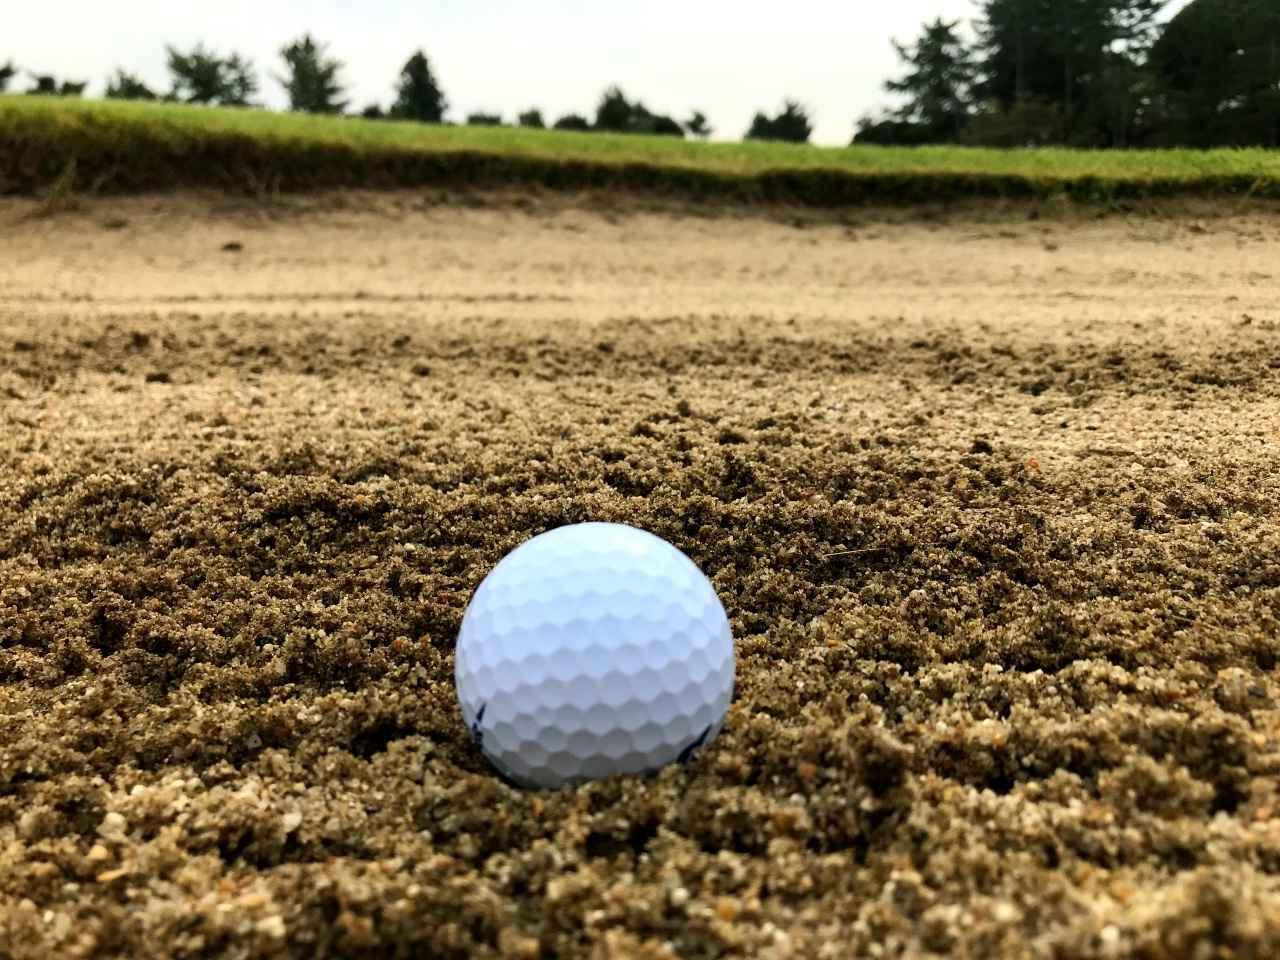 画像: ヨコ方向だと、ボールの後ろが砂の山になりやすい